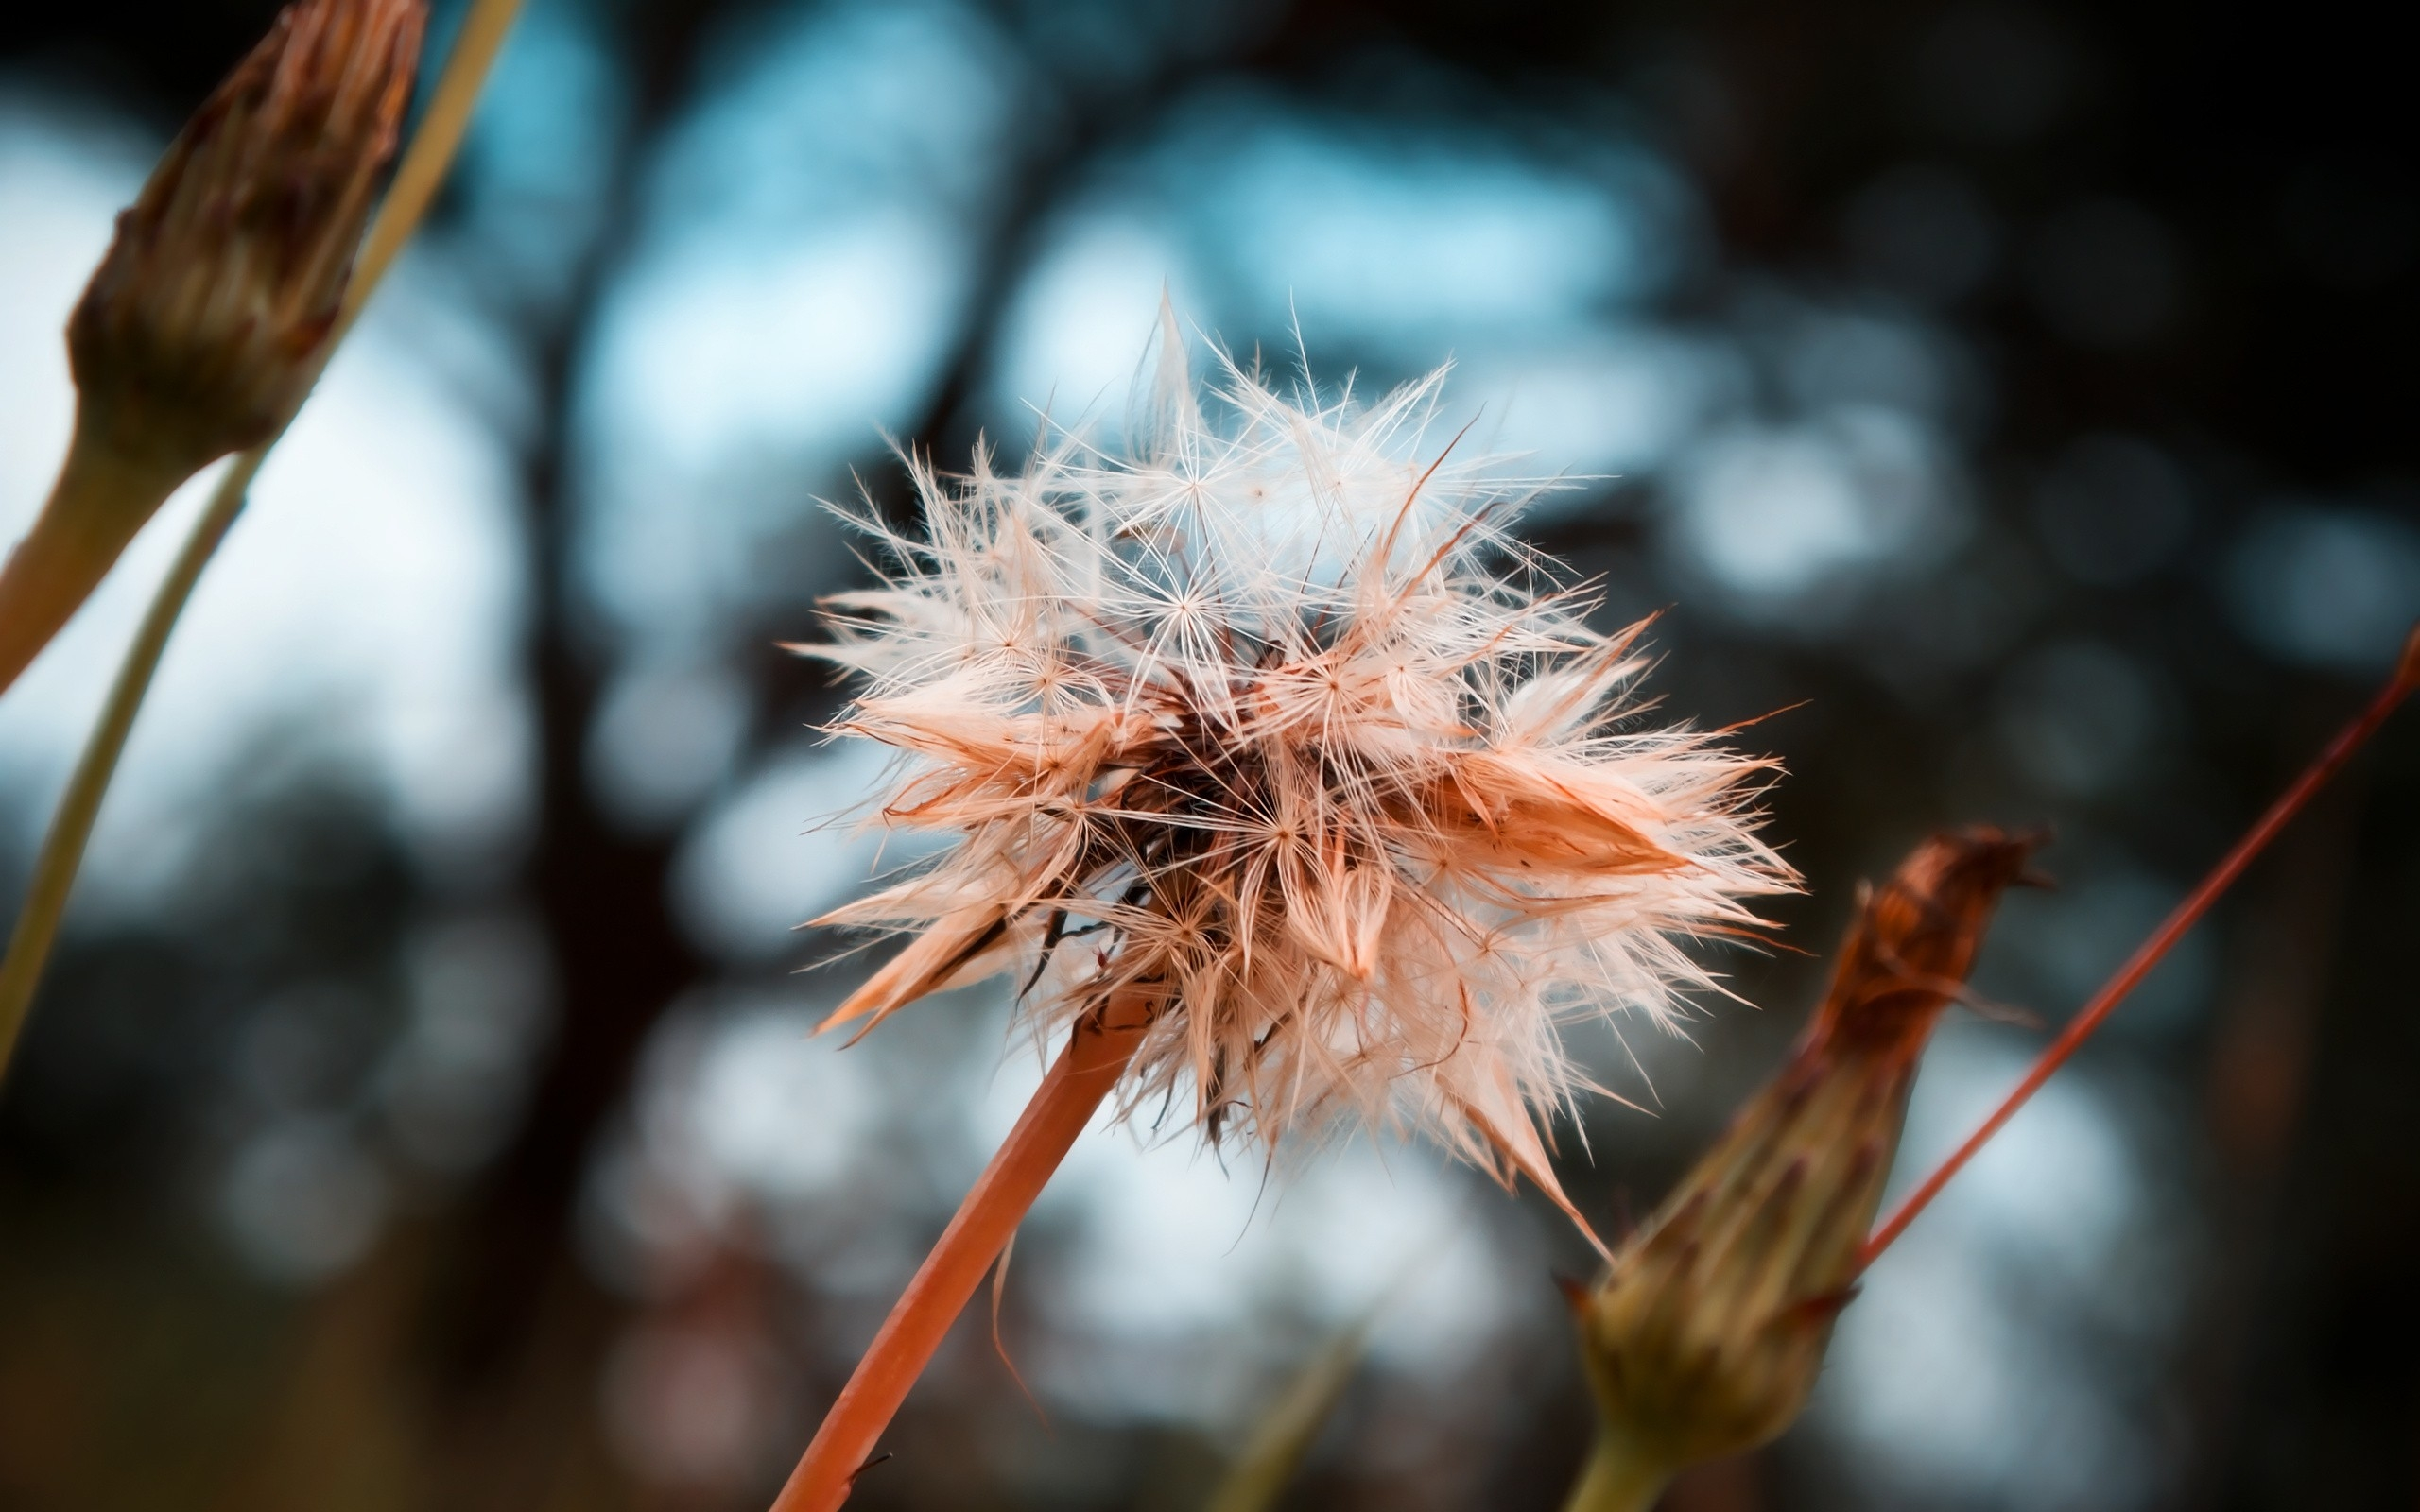 dandelion seeds background 42639